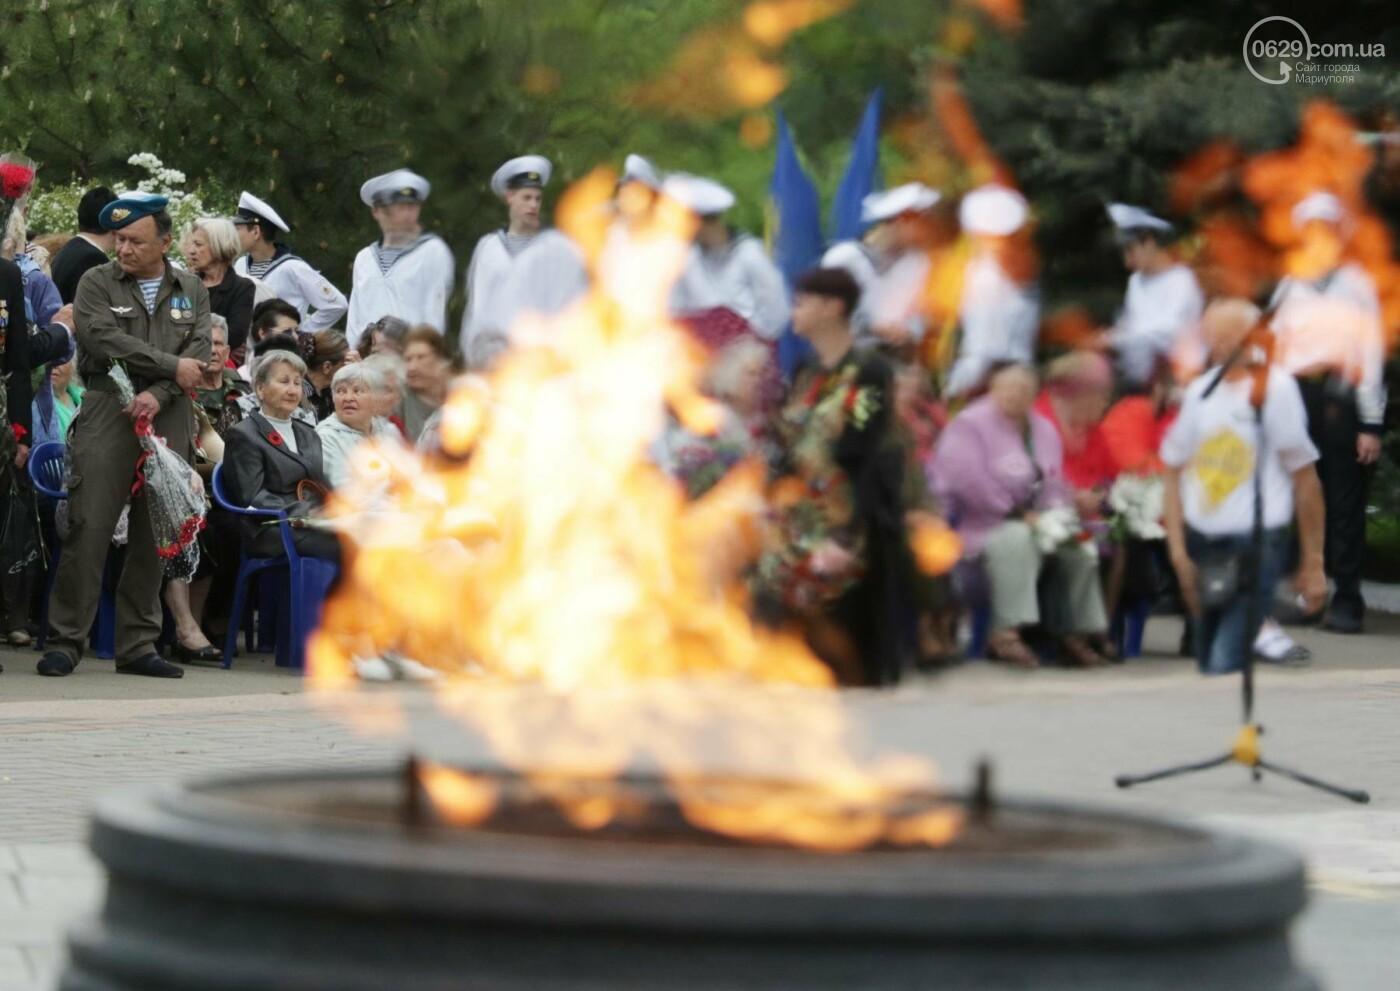 Как в  Мариуполе отметили 73-ю годовщину Победы, - ФОТО, ВИДЕО, фото-3